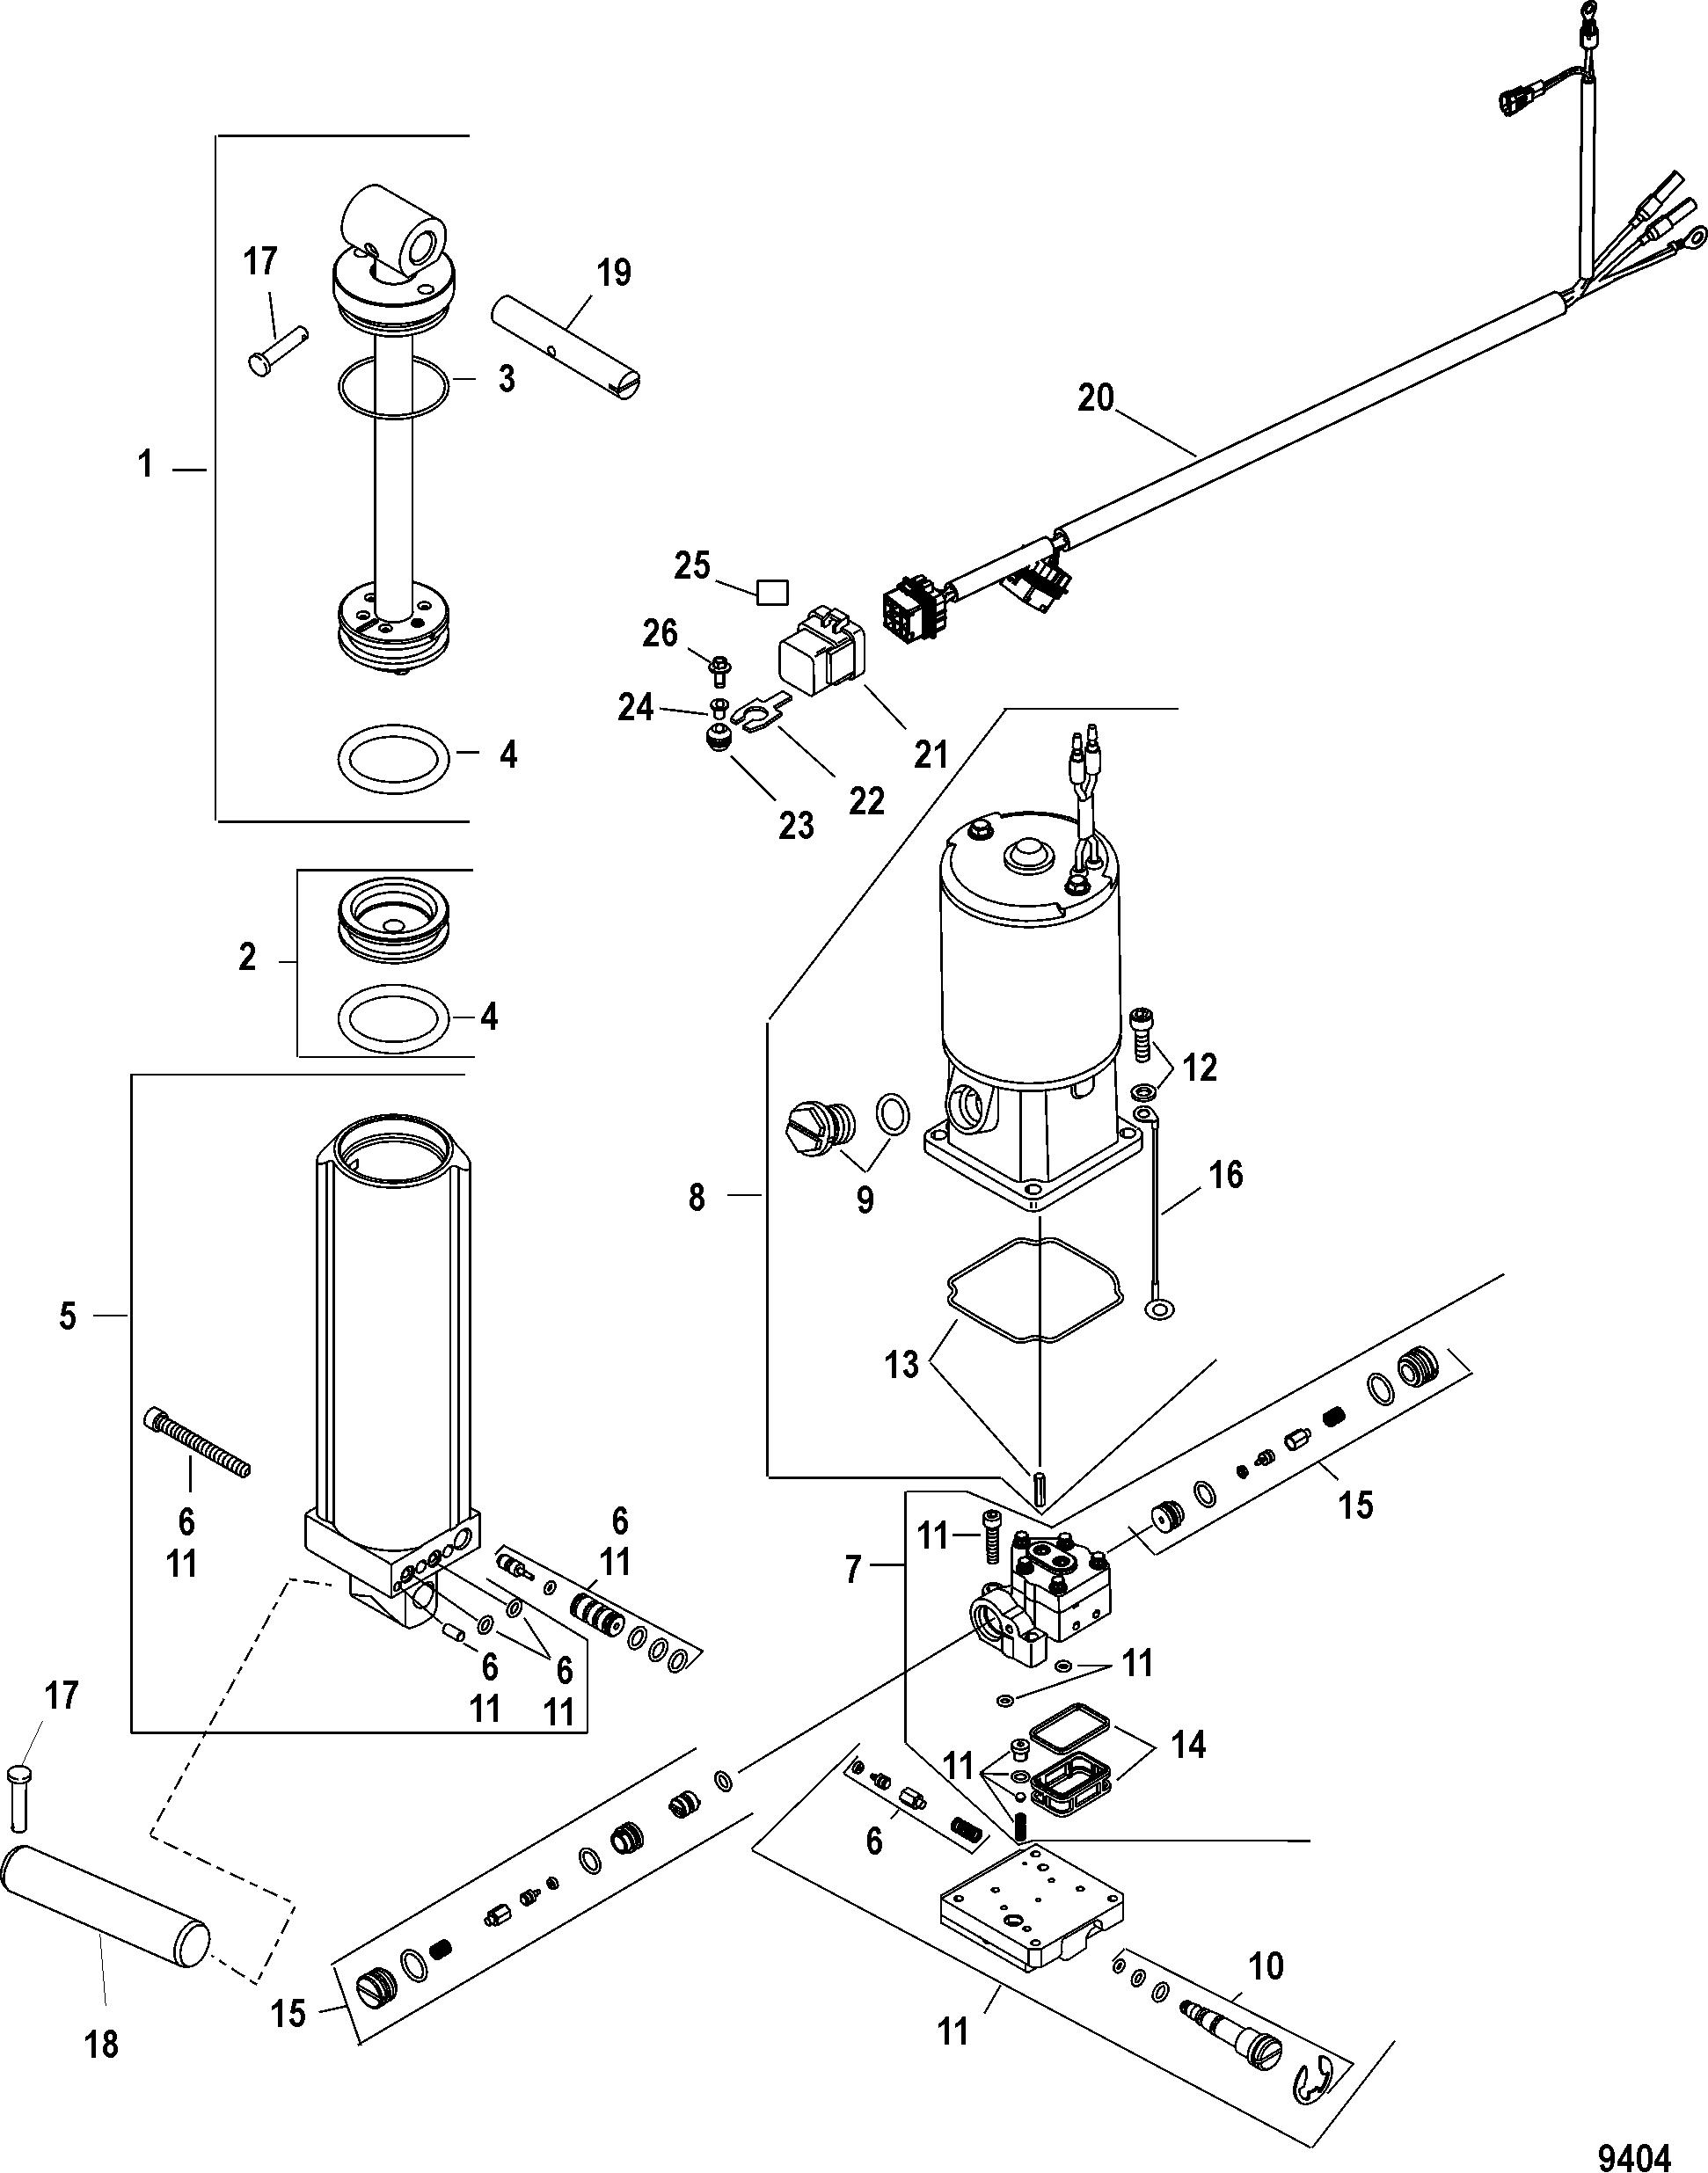 Power Trim For Mariner Mercury 30 40 Efi 4 Stroke 3 Cylinder